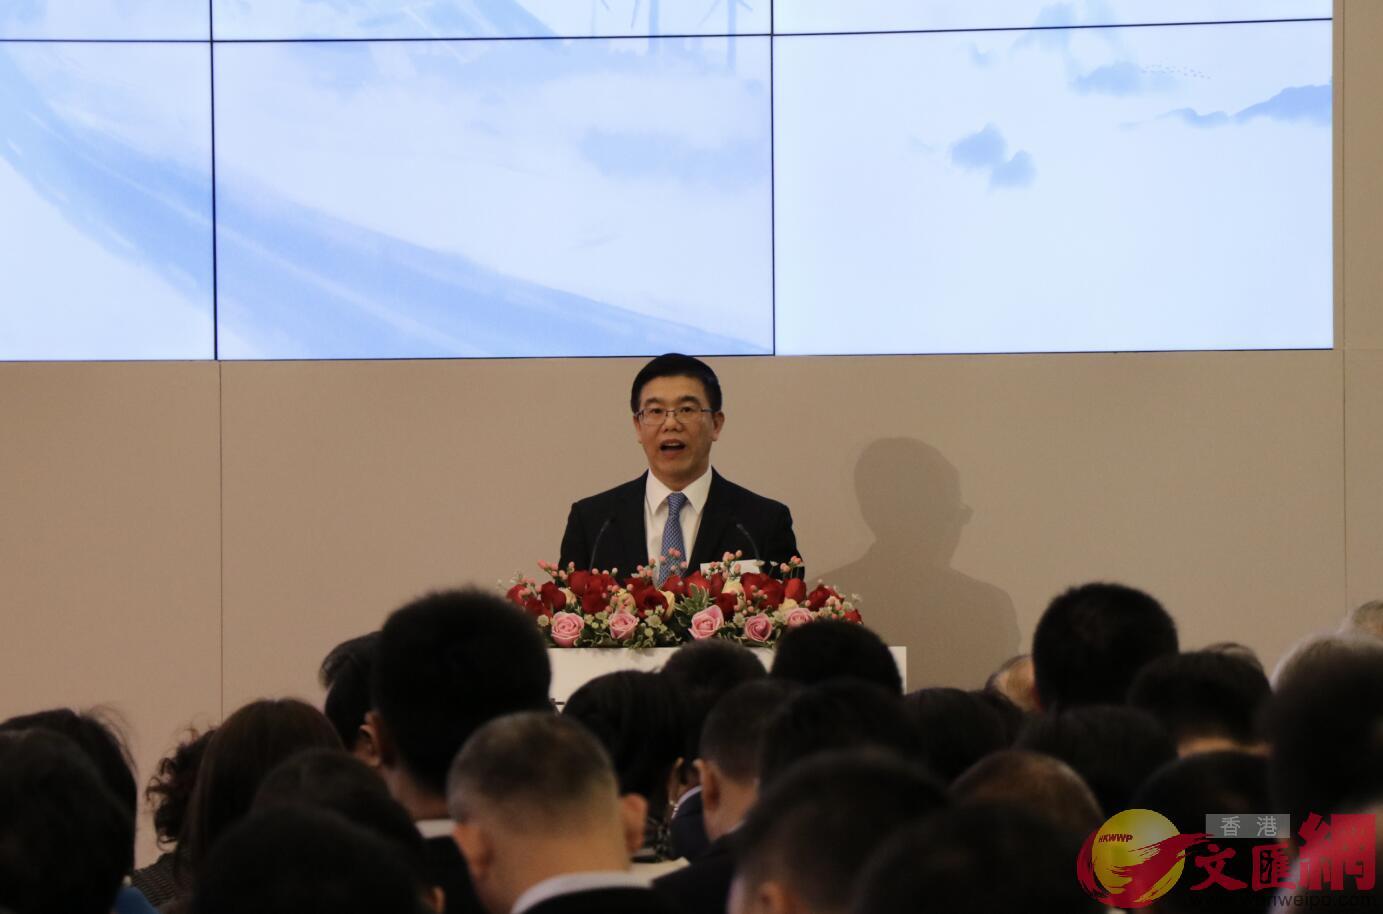 大灣區共同家園投資有限公司CEO胡章宏致辭